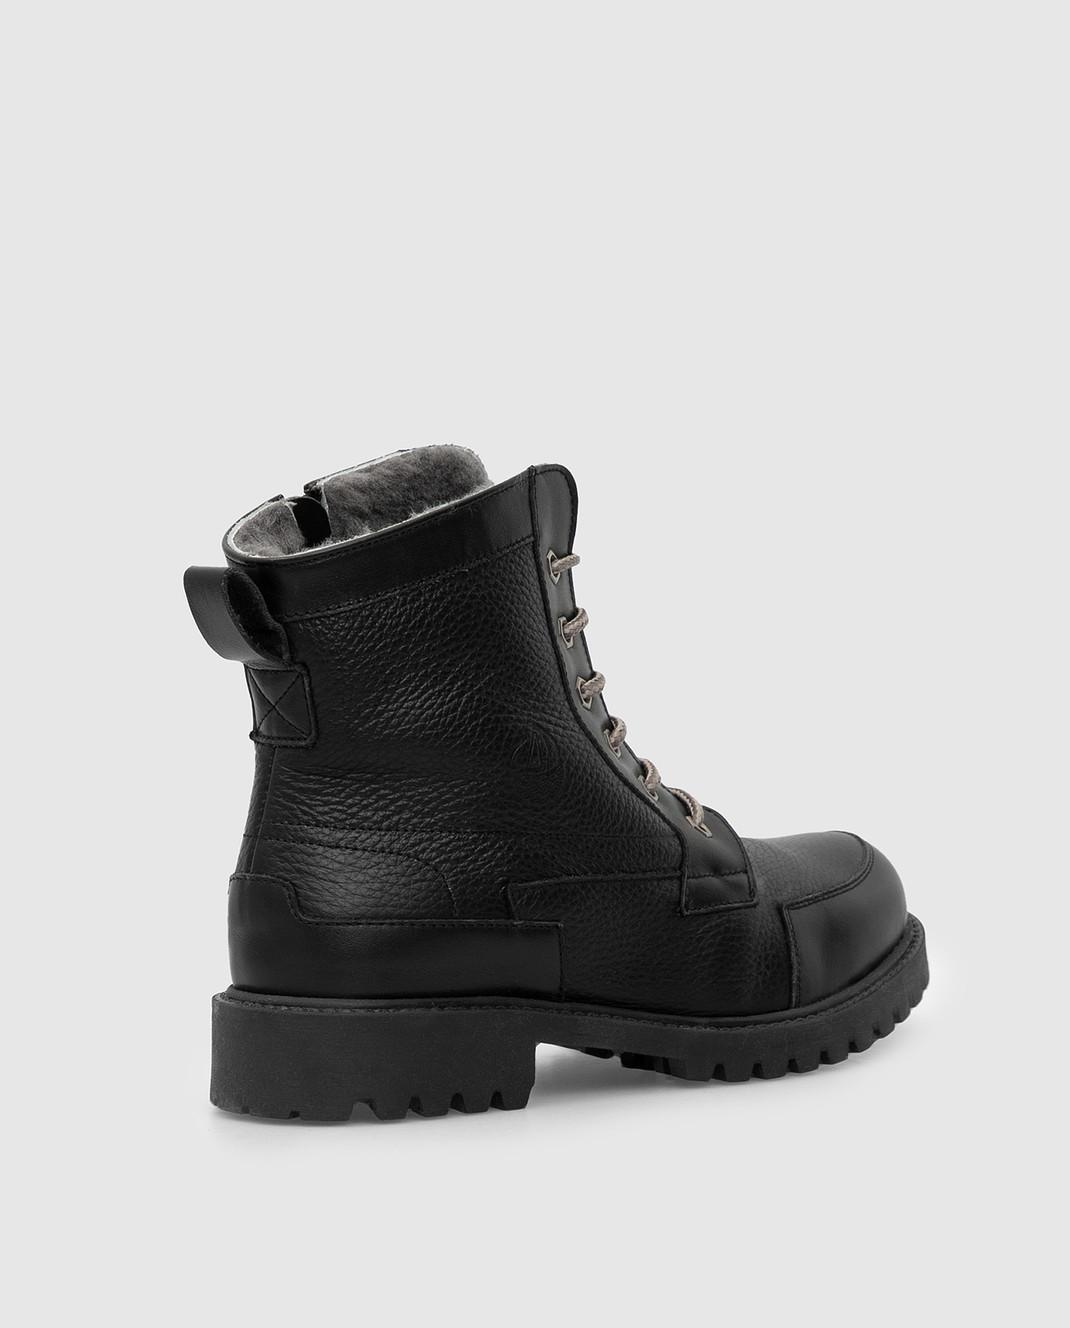 Zecchino D'oro Детские черные ботинки на меху A044123640 изображение 3